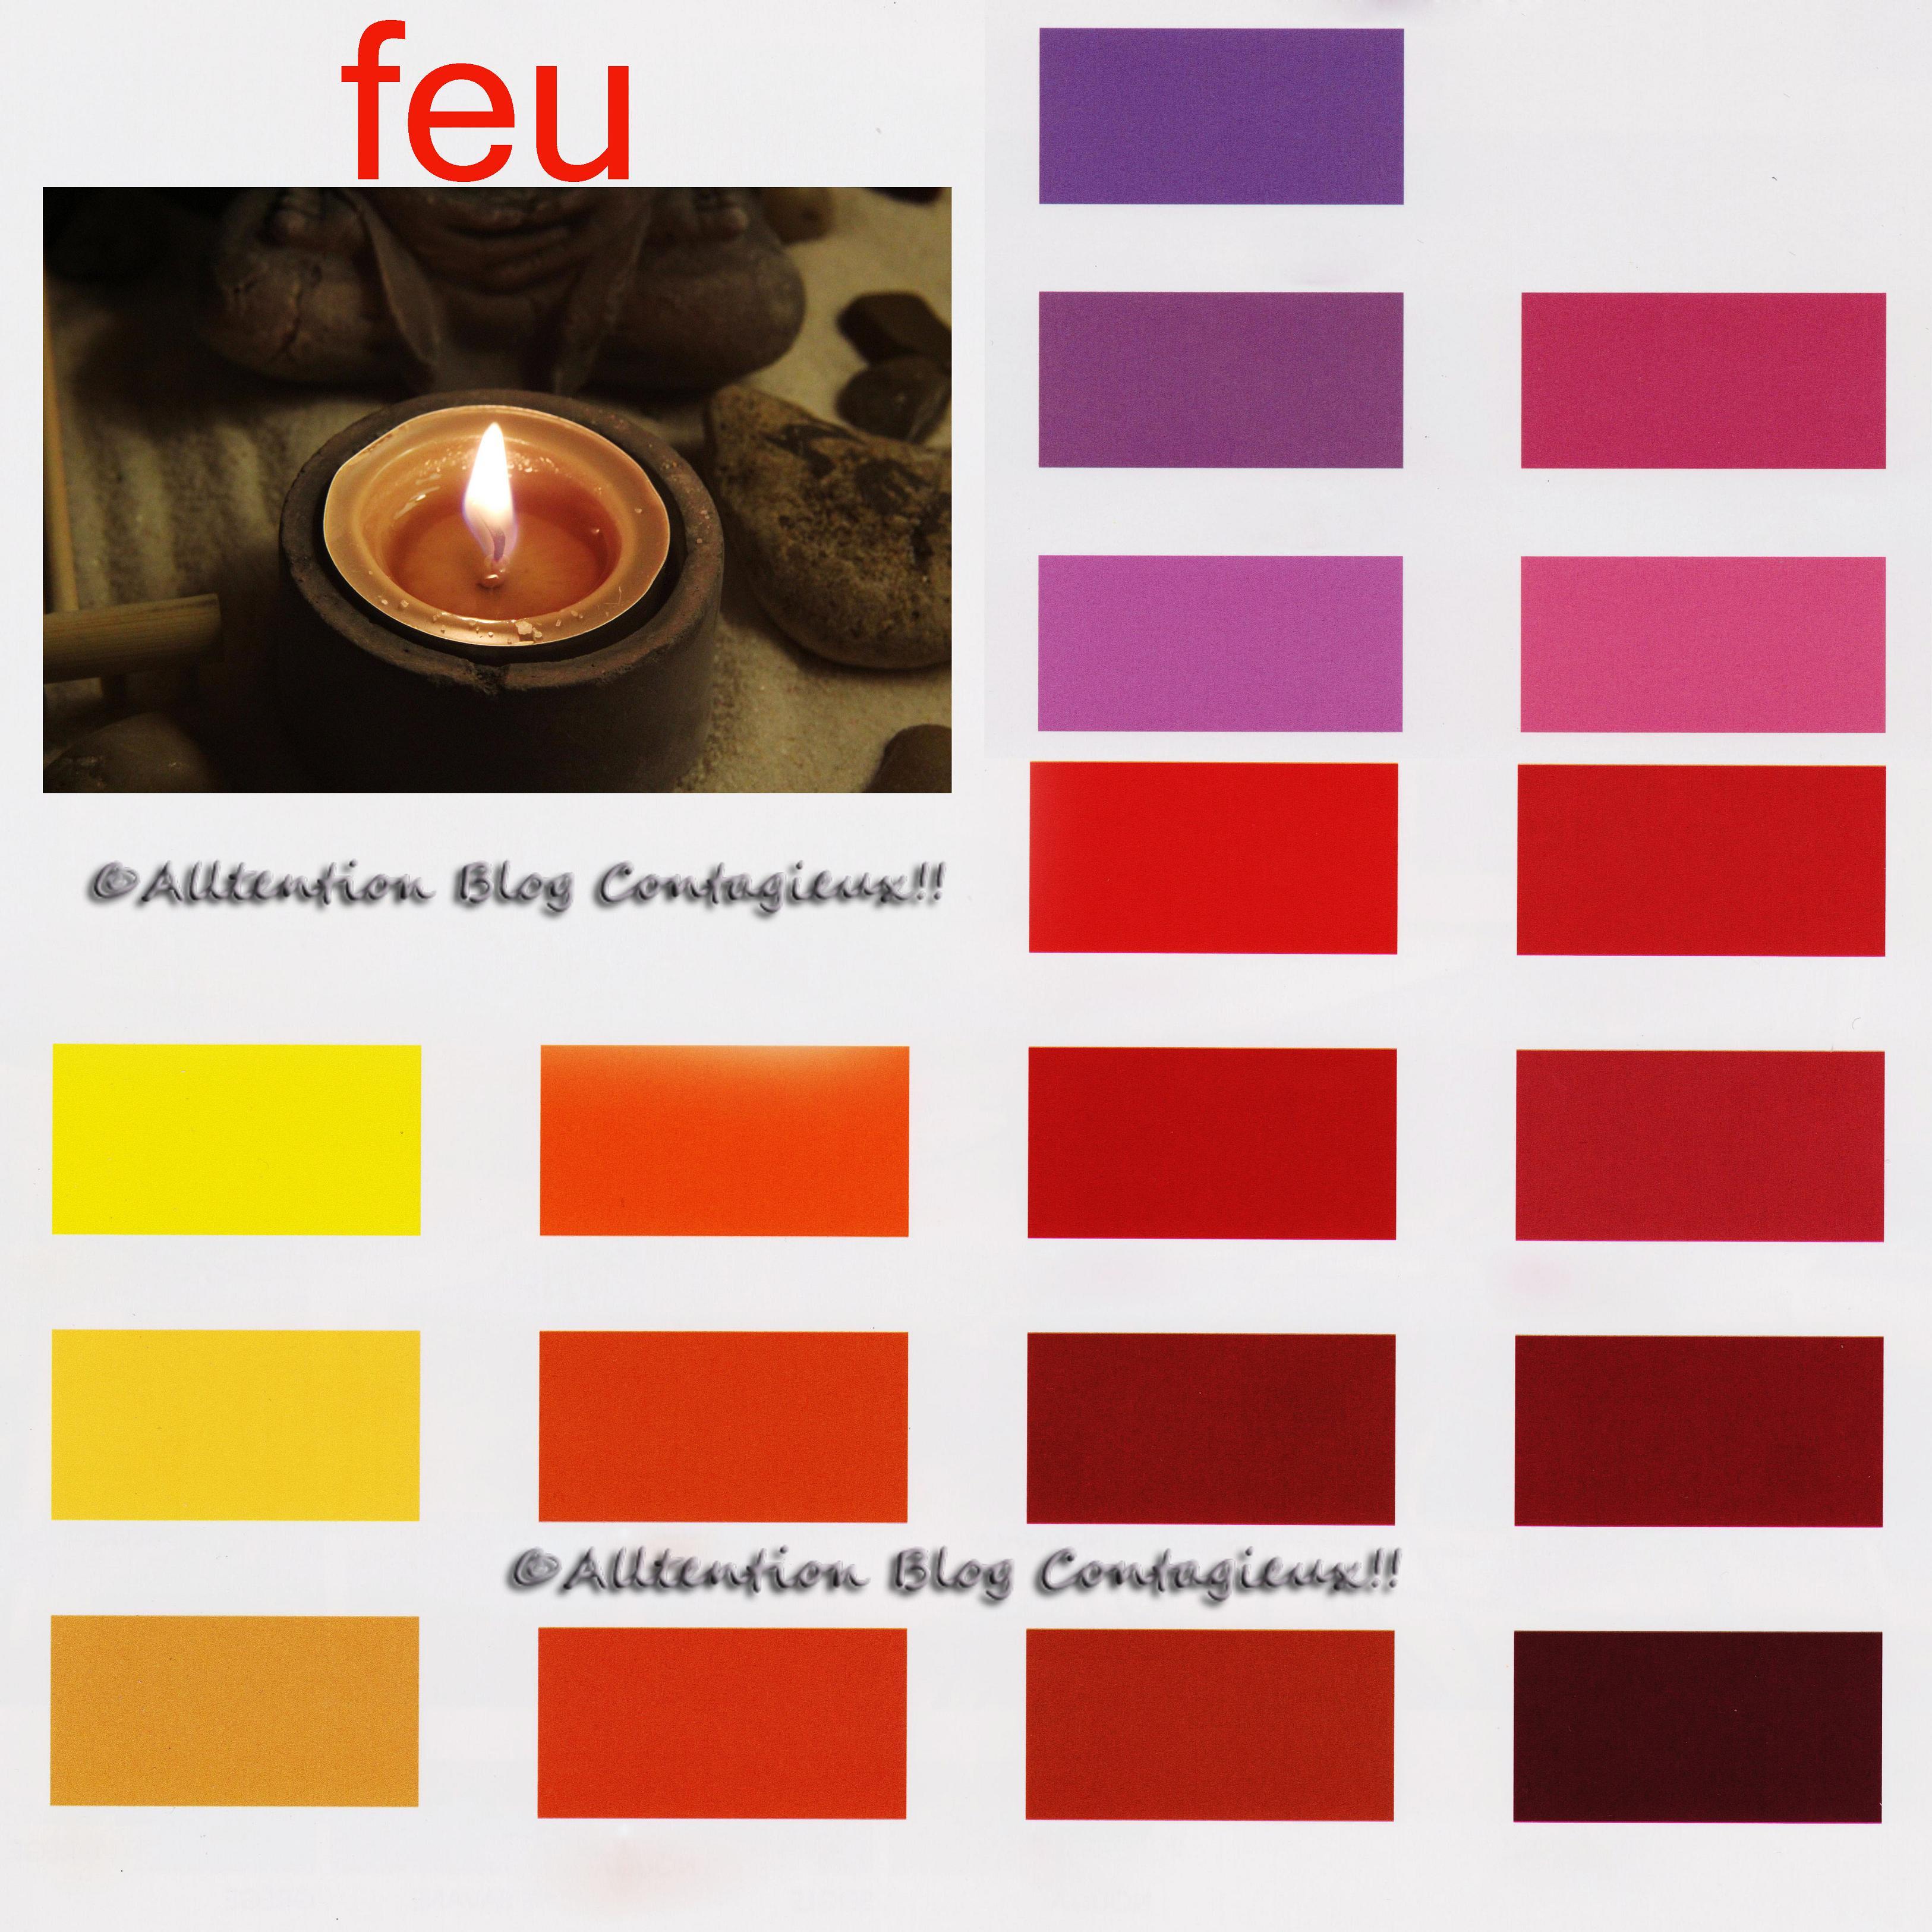 Feng Shui Couleur Salon des secteurs et des couleurs | attention blog contagieux !!